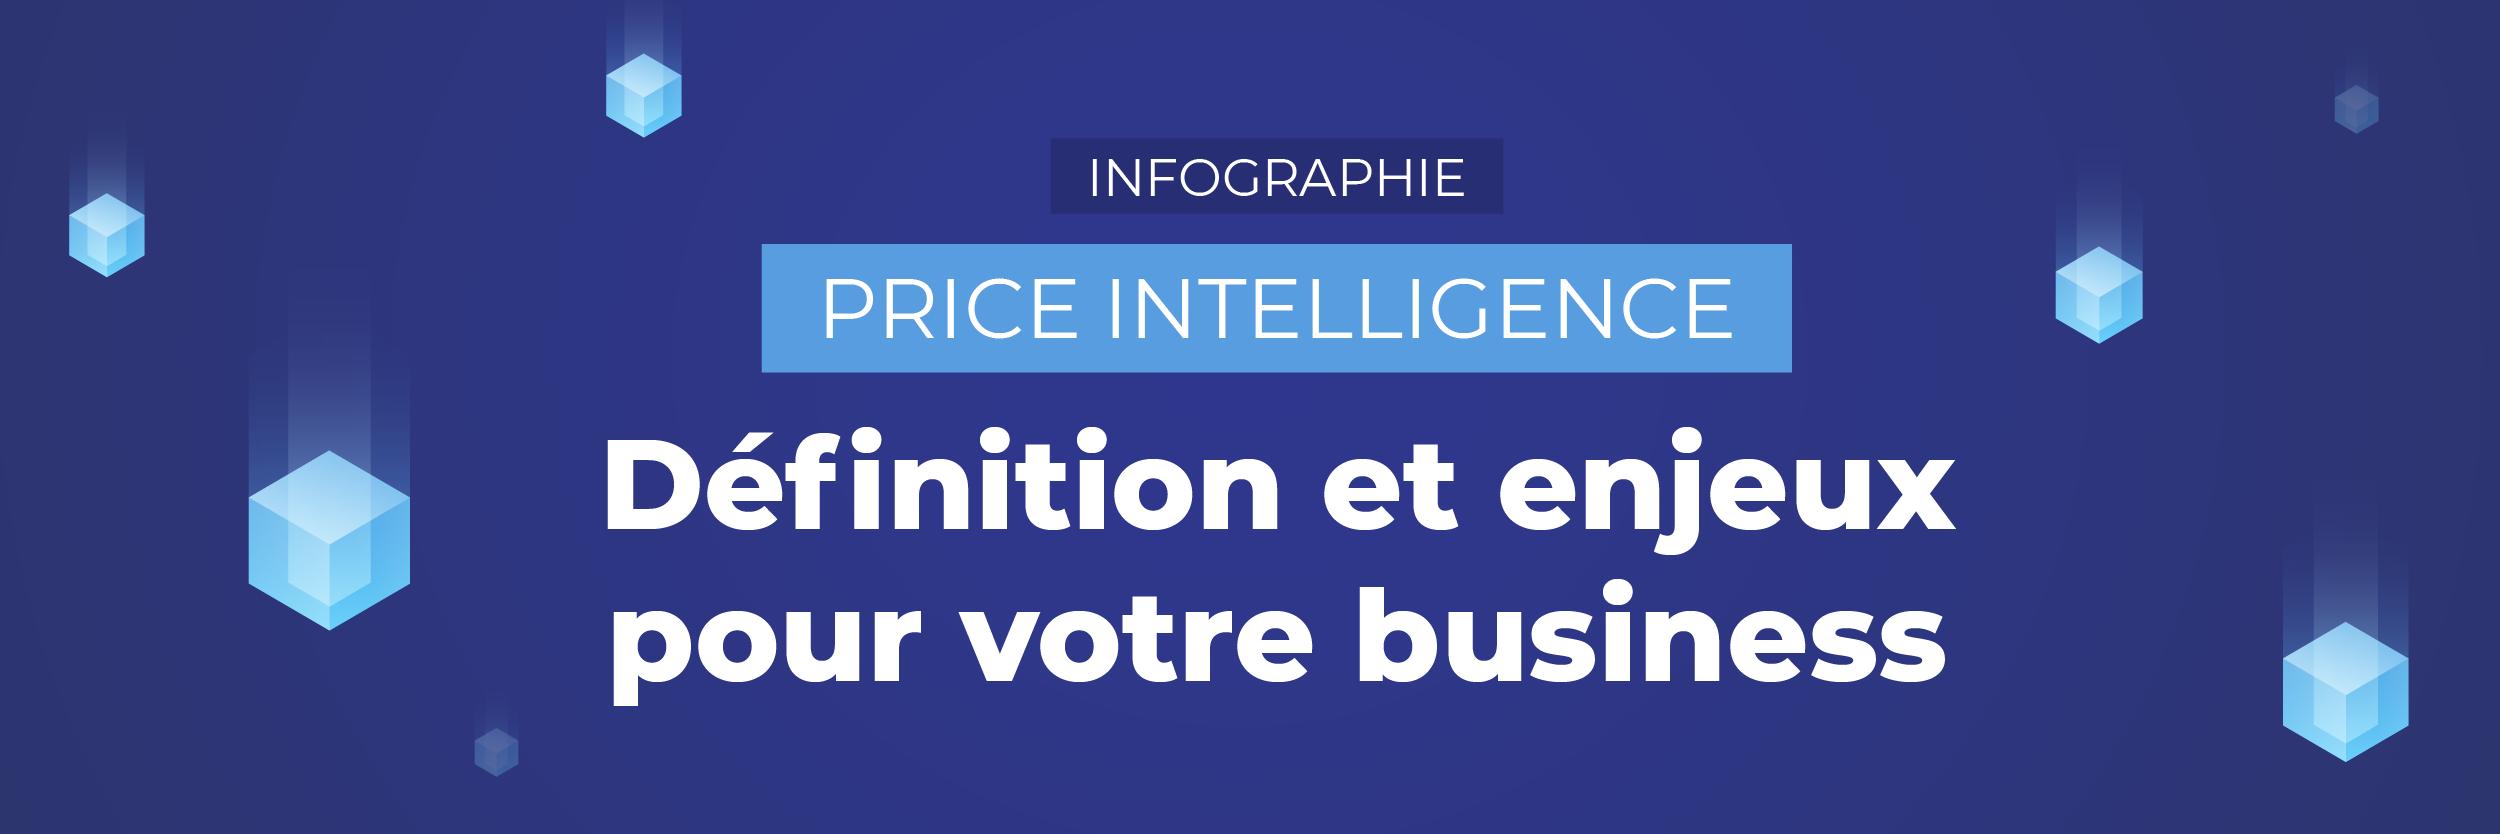 Price Intelligence : définition et enjeux pour votre business